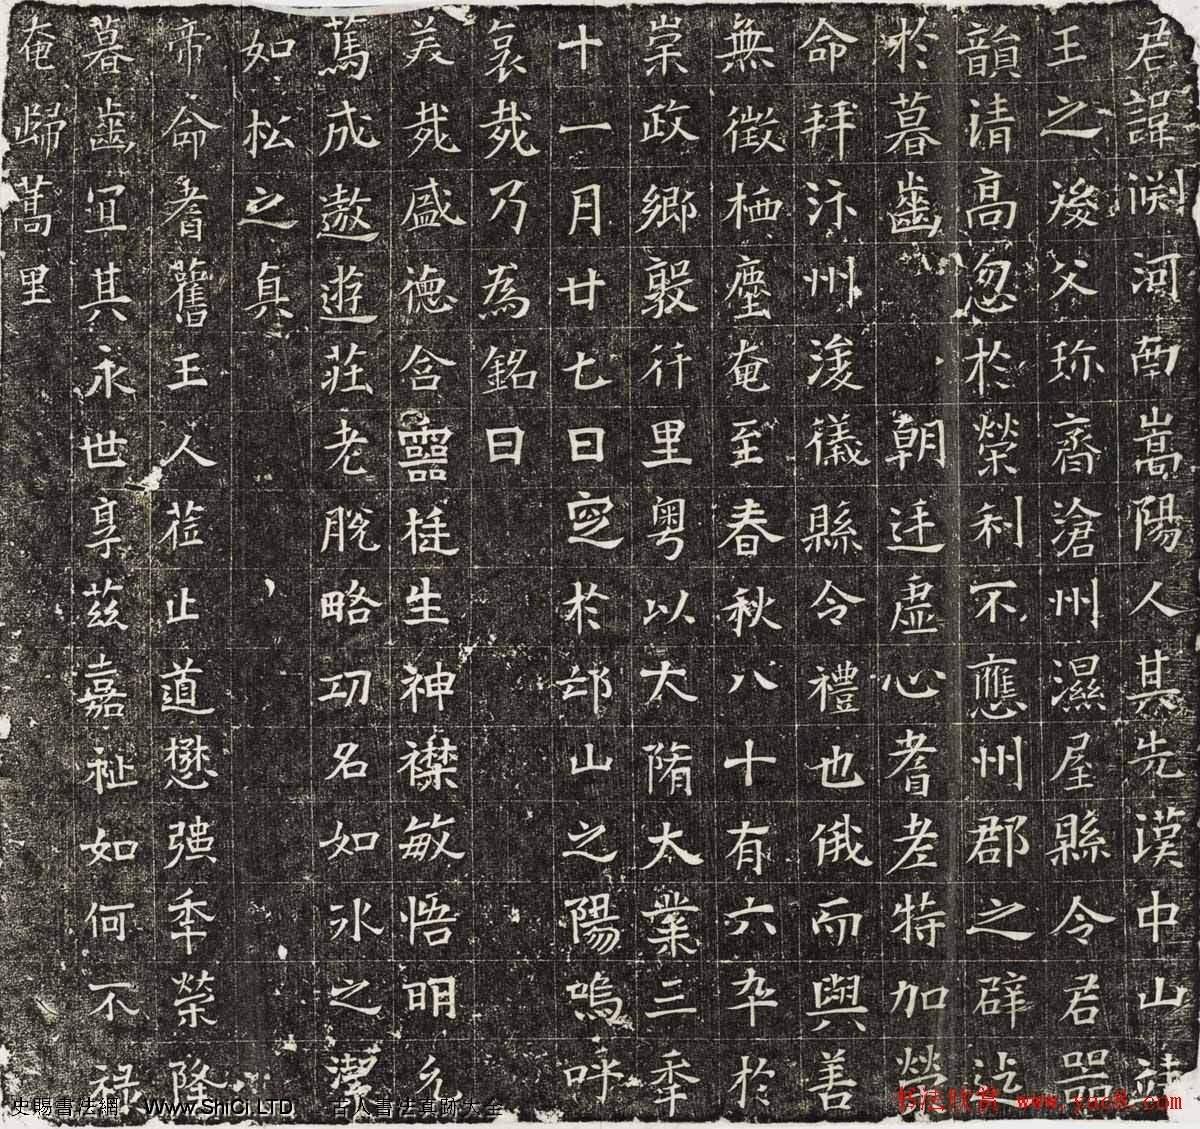 隋代書法石刻真跡欣賞《劉淵墓誌銘》(共3張圖片)